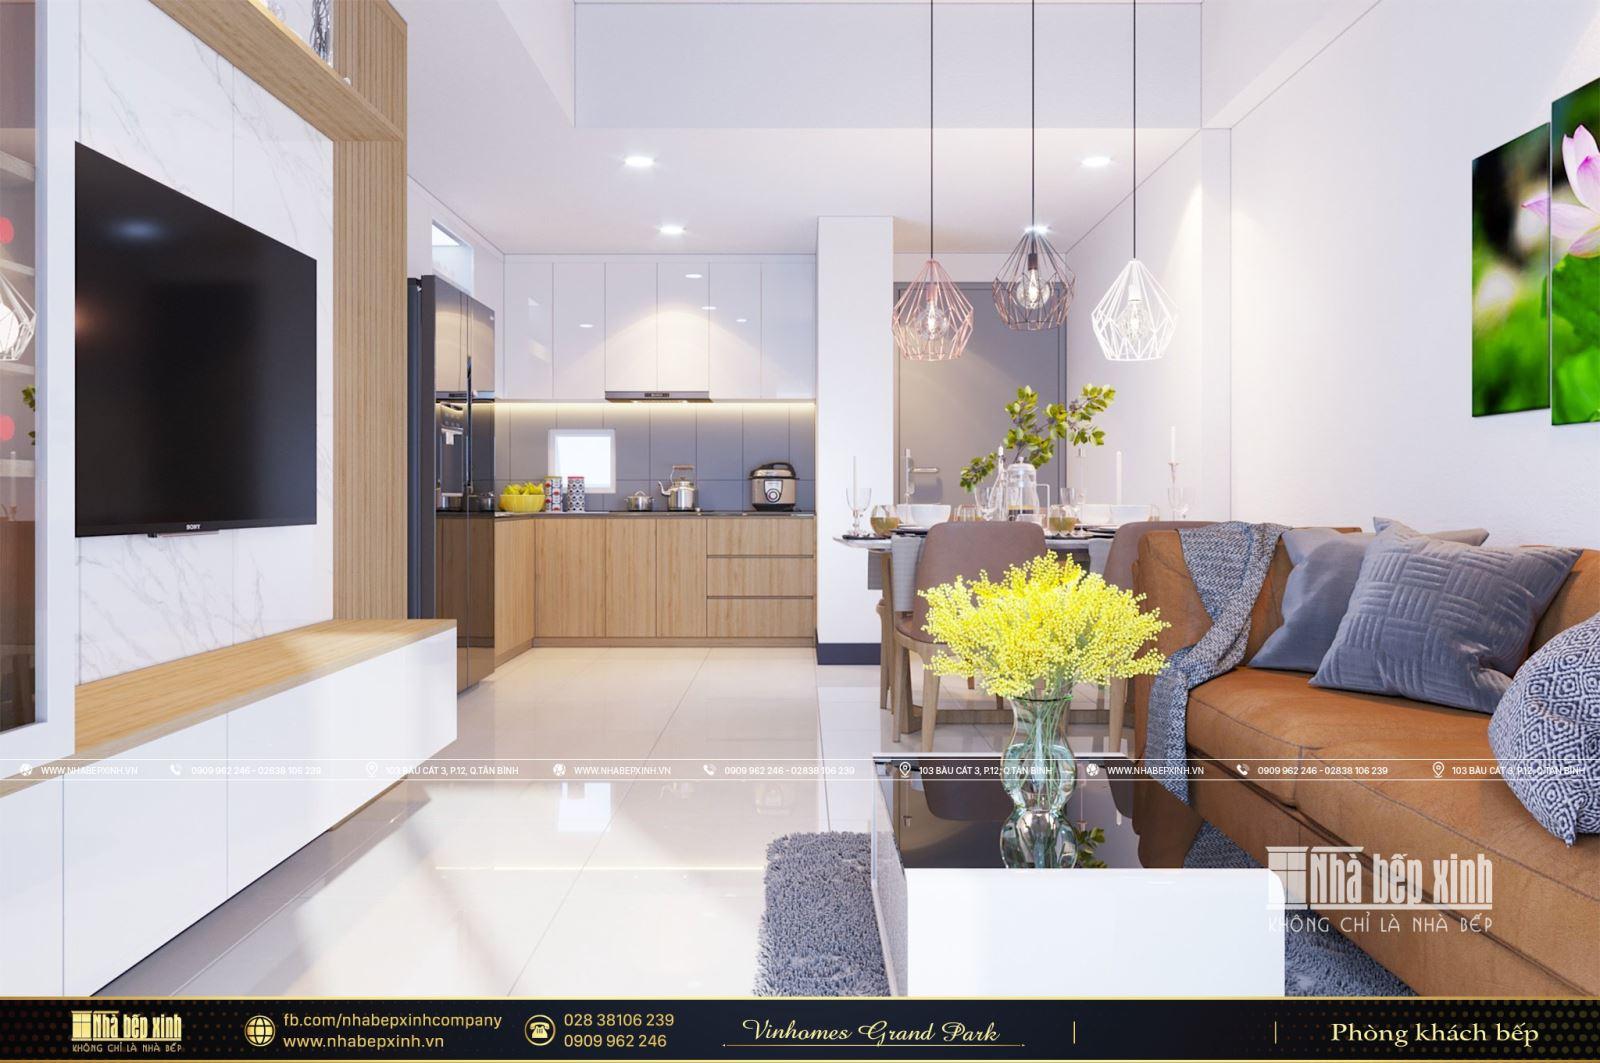 Tổng hợp các mẫu thiết kế nội thất chung cư Vinhomes Grand Park - Phân khu Origami